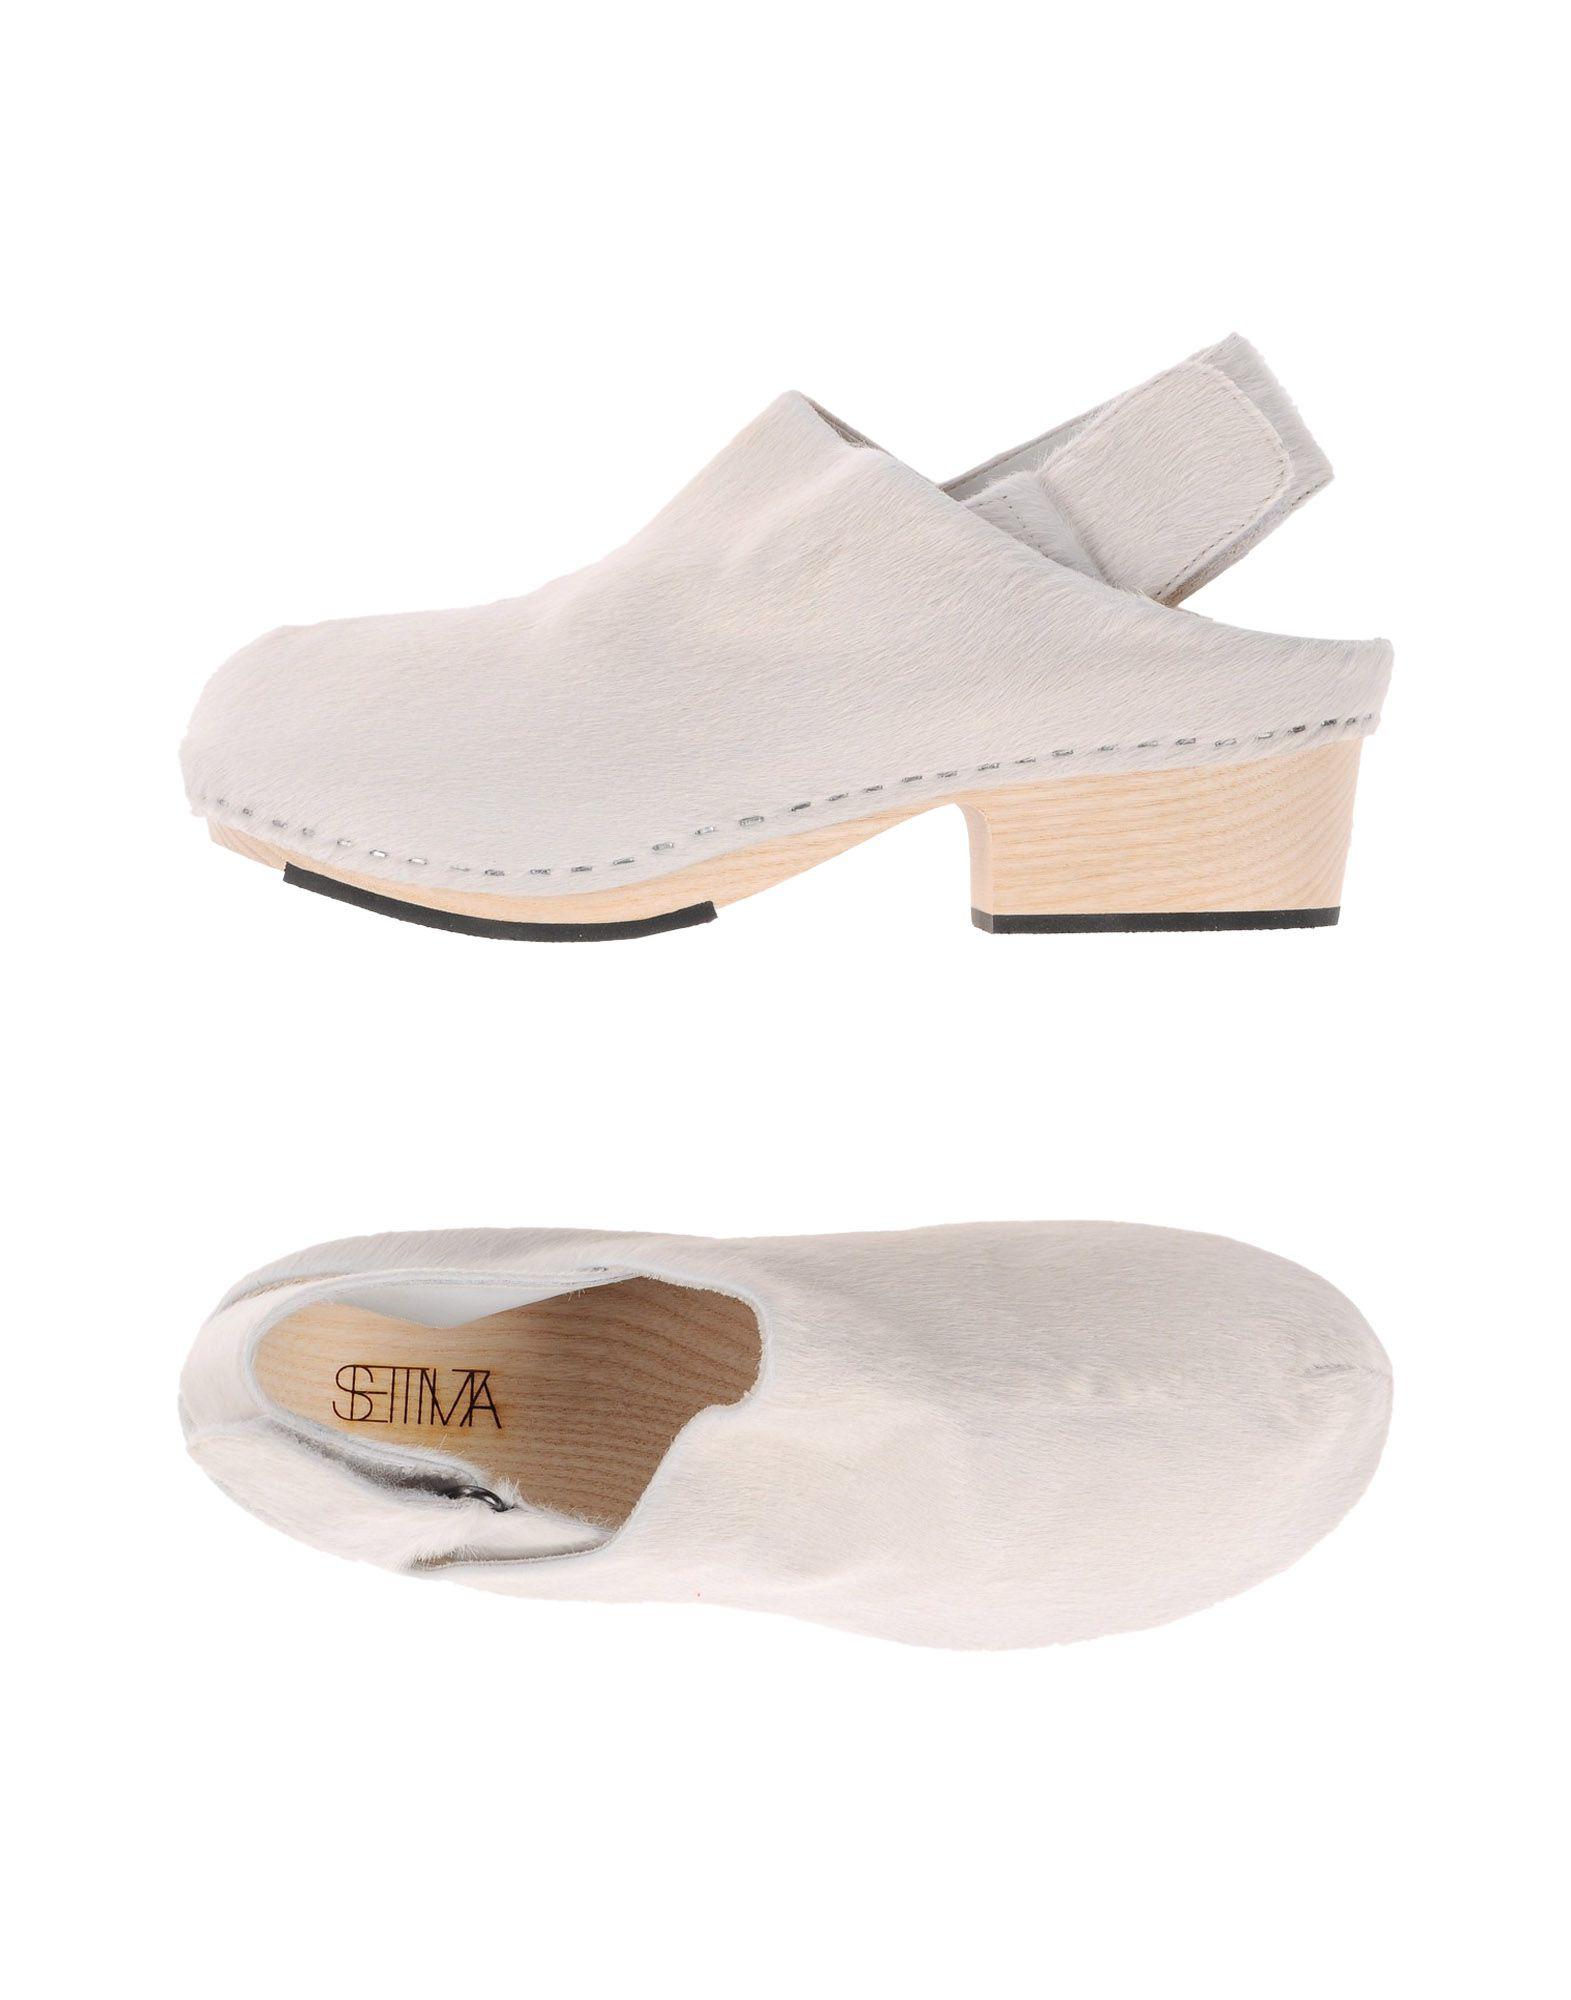 SETTIMA Damen Mules & Clogs Farbe Weiß Größe 5